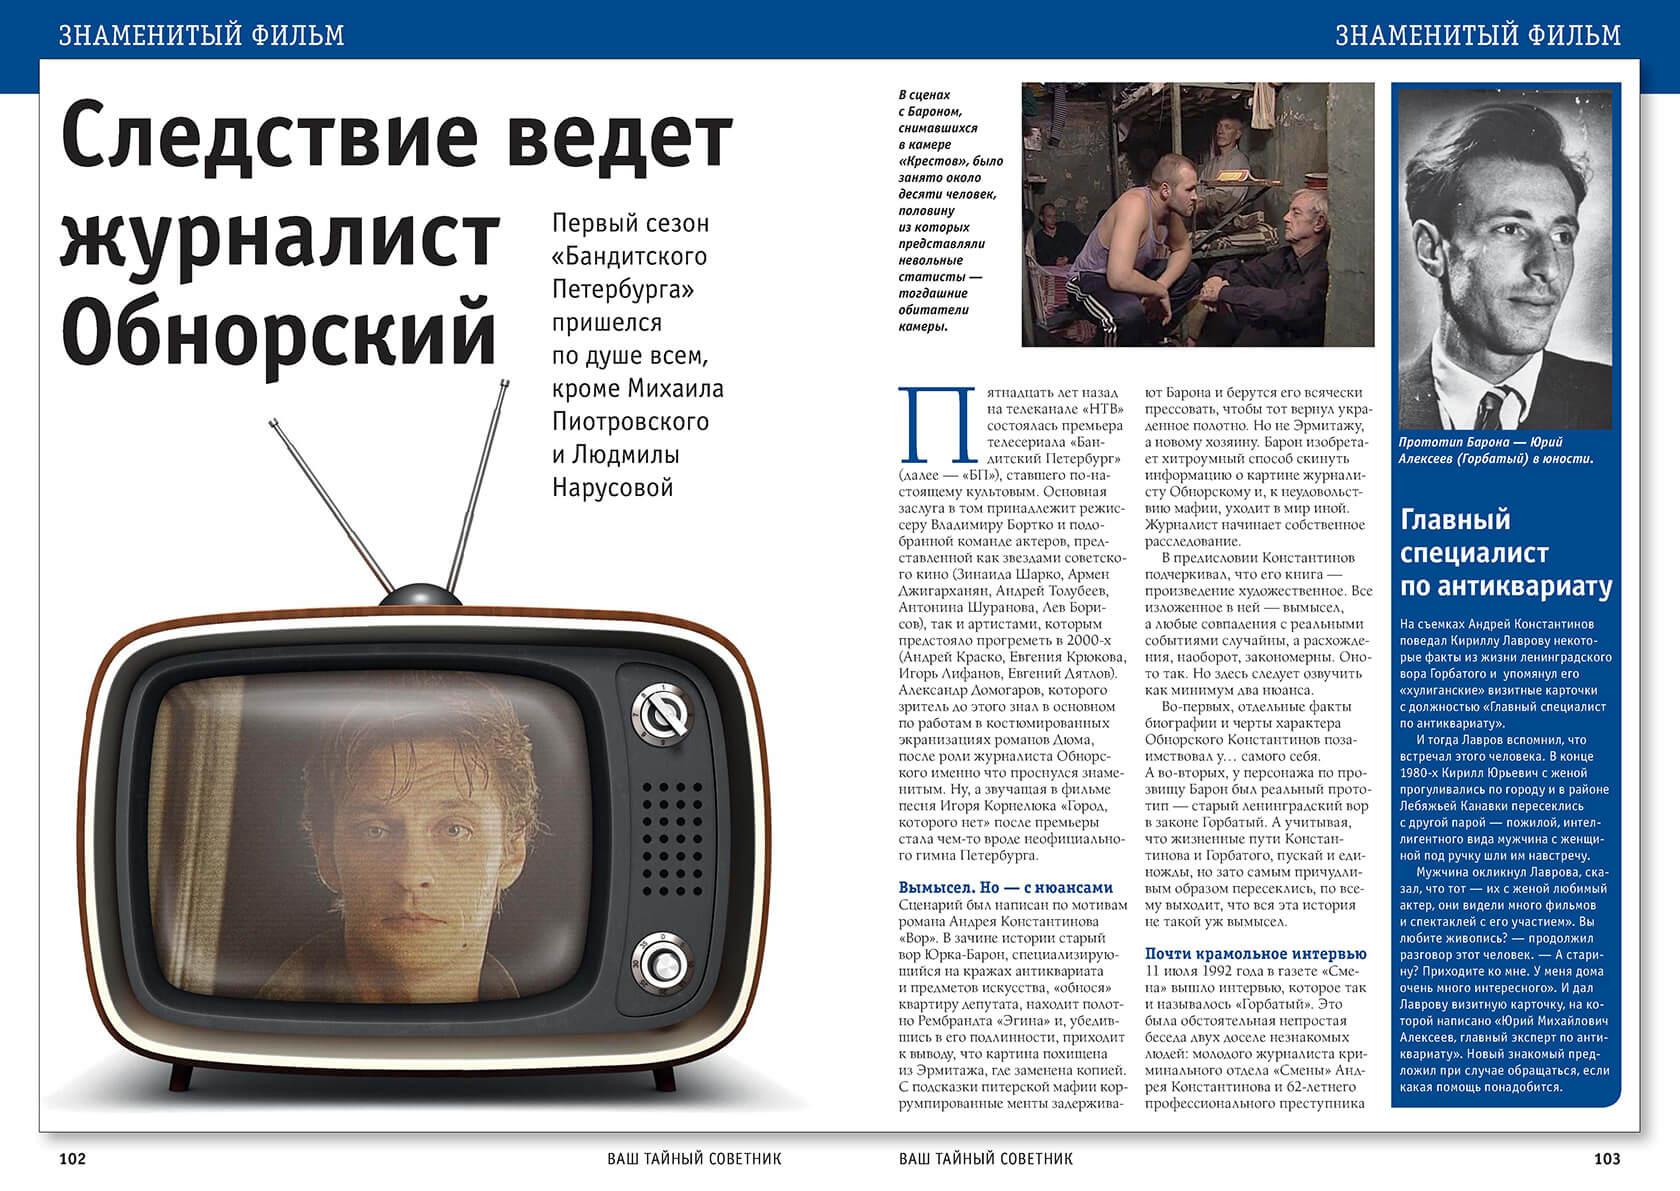 Сериал «Бандитский Петербург». История